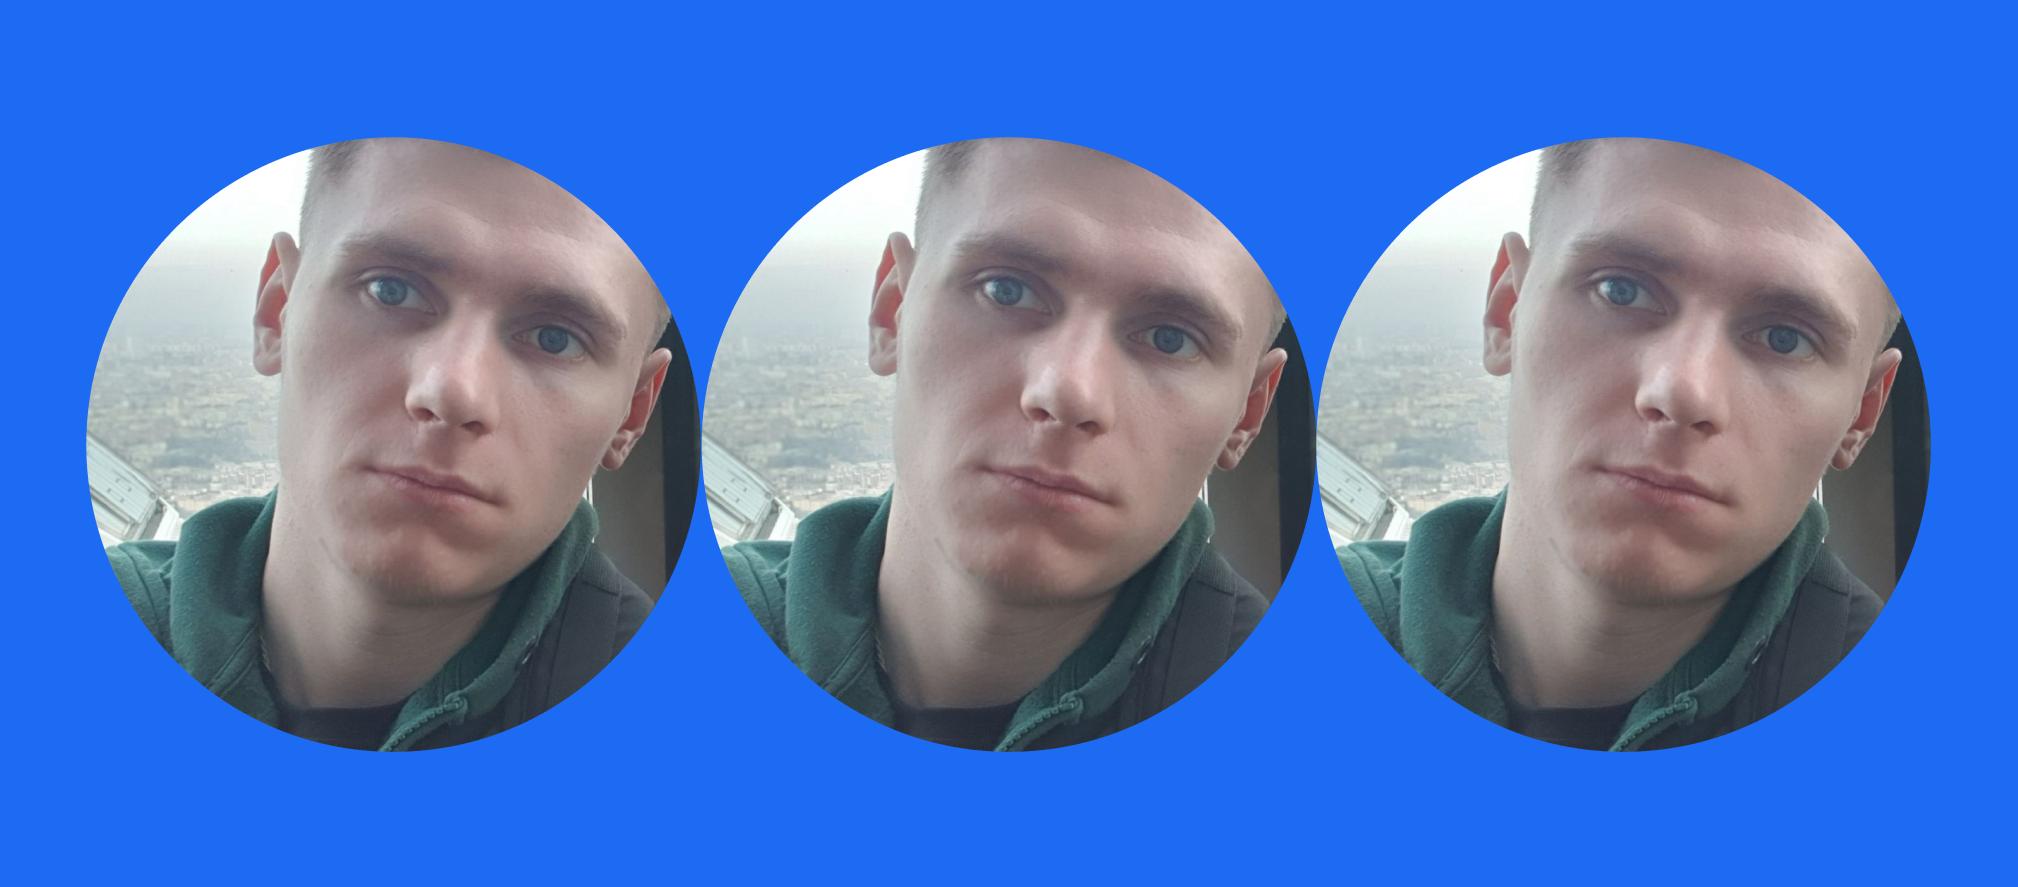 Сергей Калинкин: бывший эмалировщик